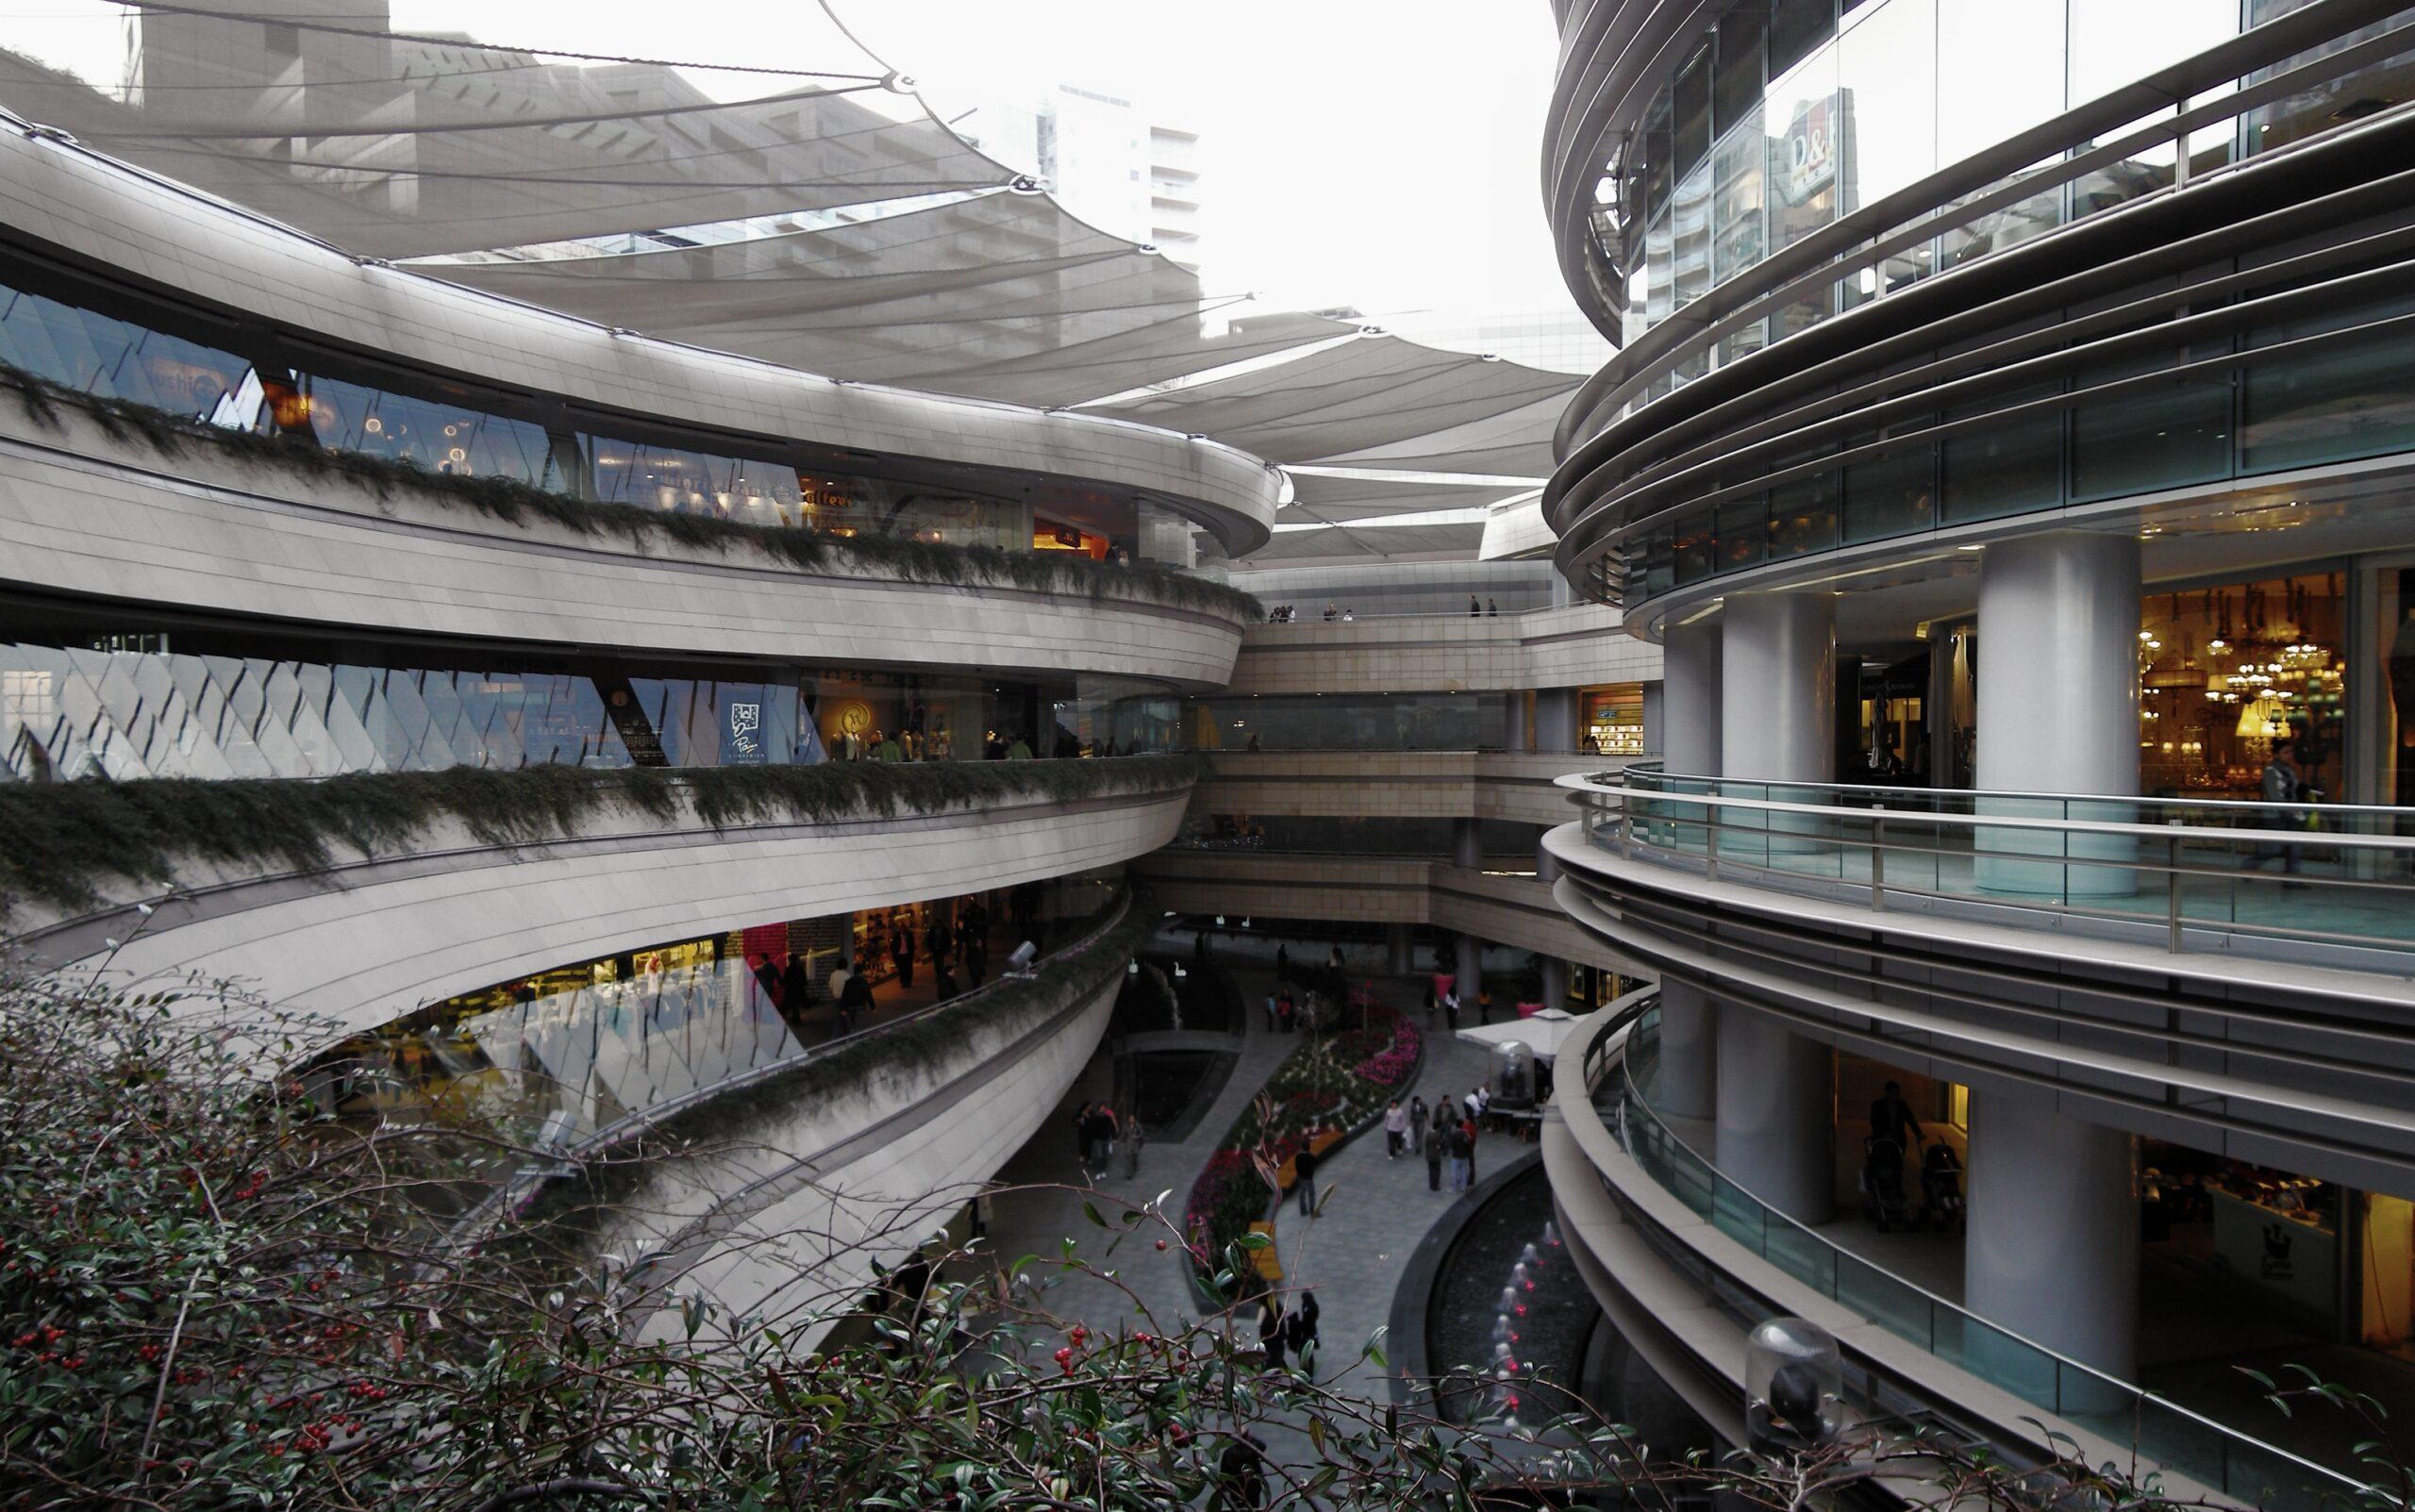 مرکز خرید کانیون یکی از مراکز خرید شیشلی استانبول